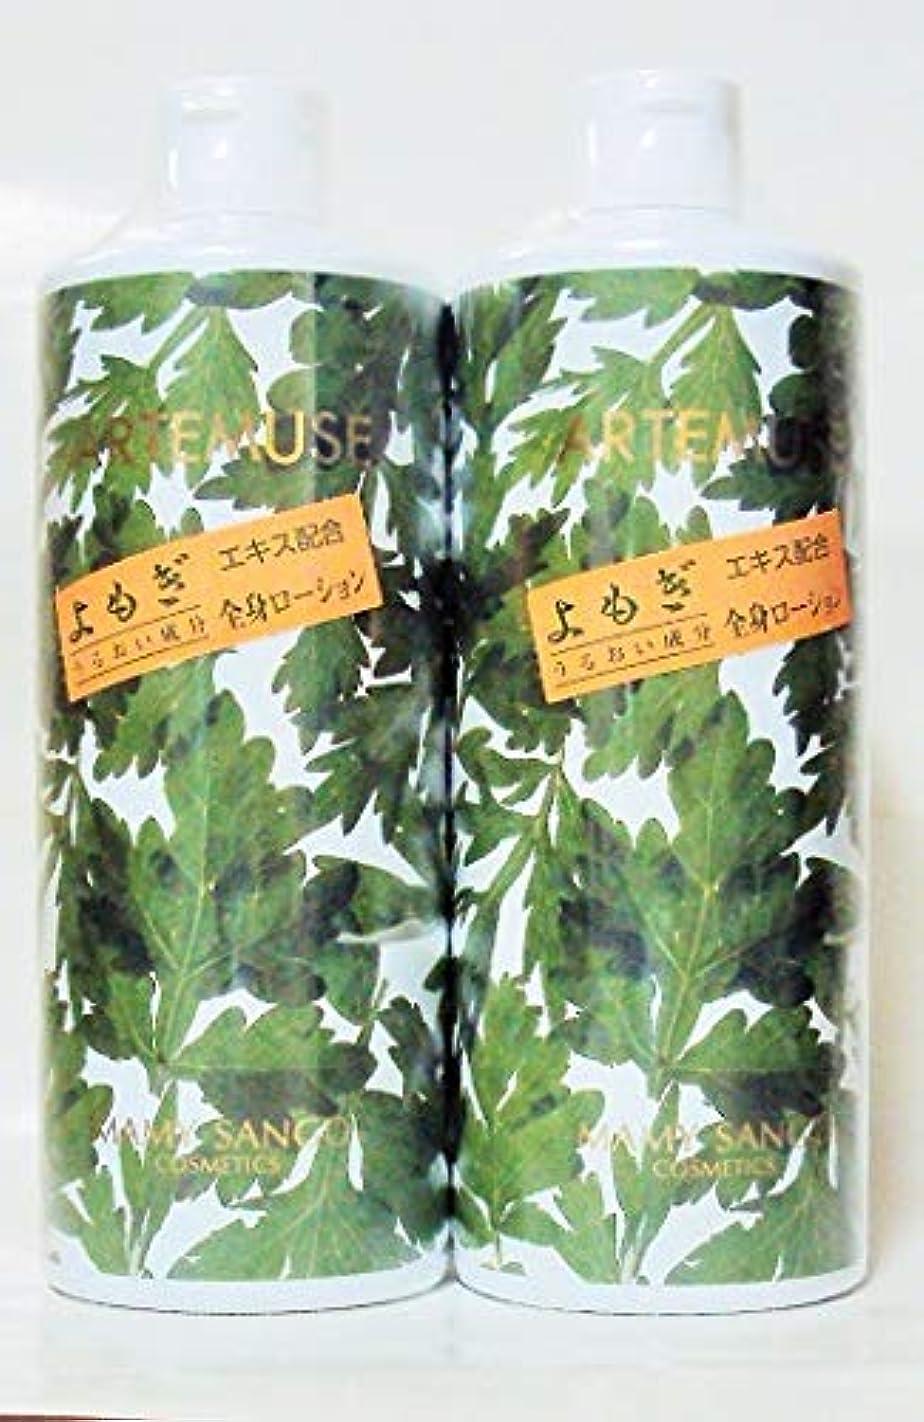 ディレクターぐるぐるベーコンマミーサンゴ薬用ローショーン500ml(2本セット価額)